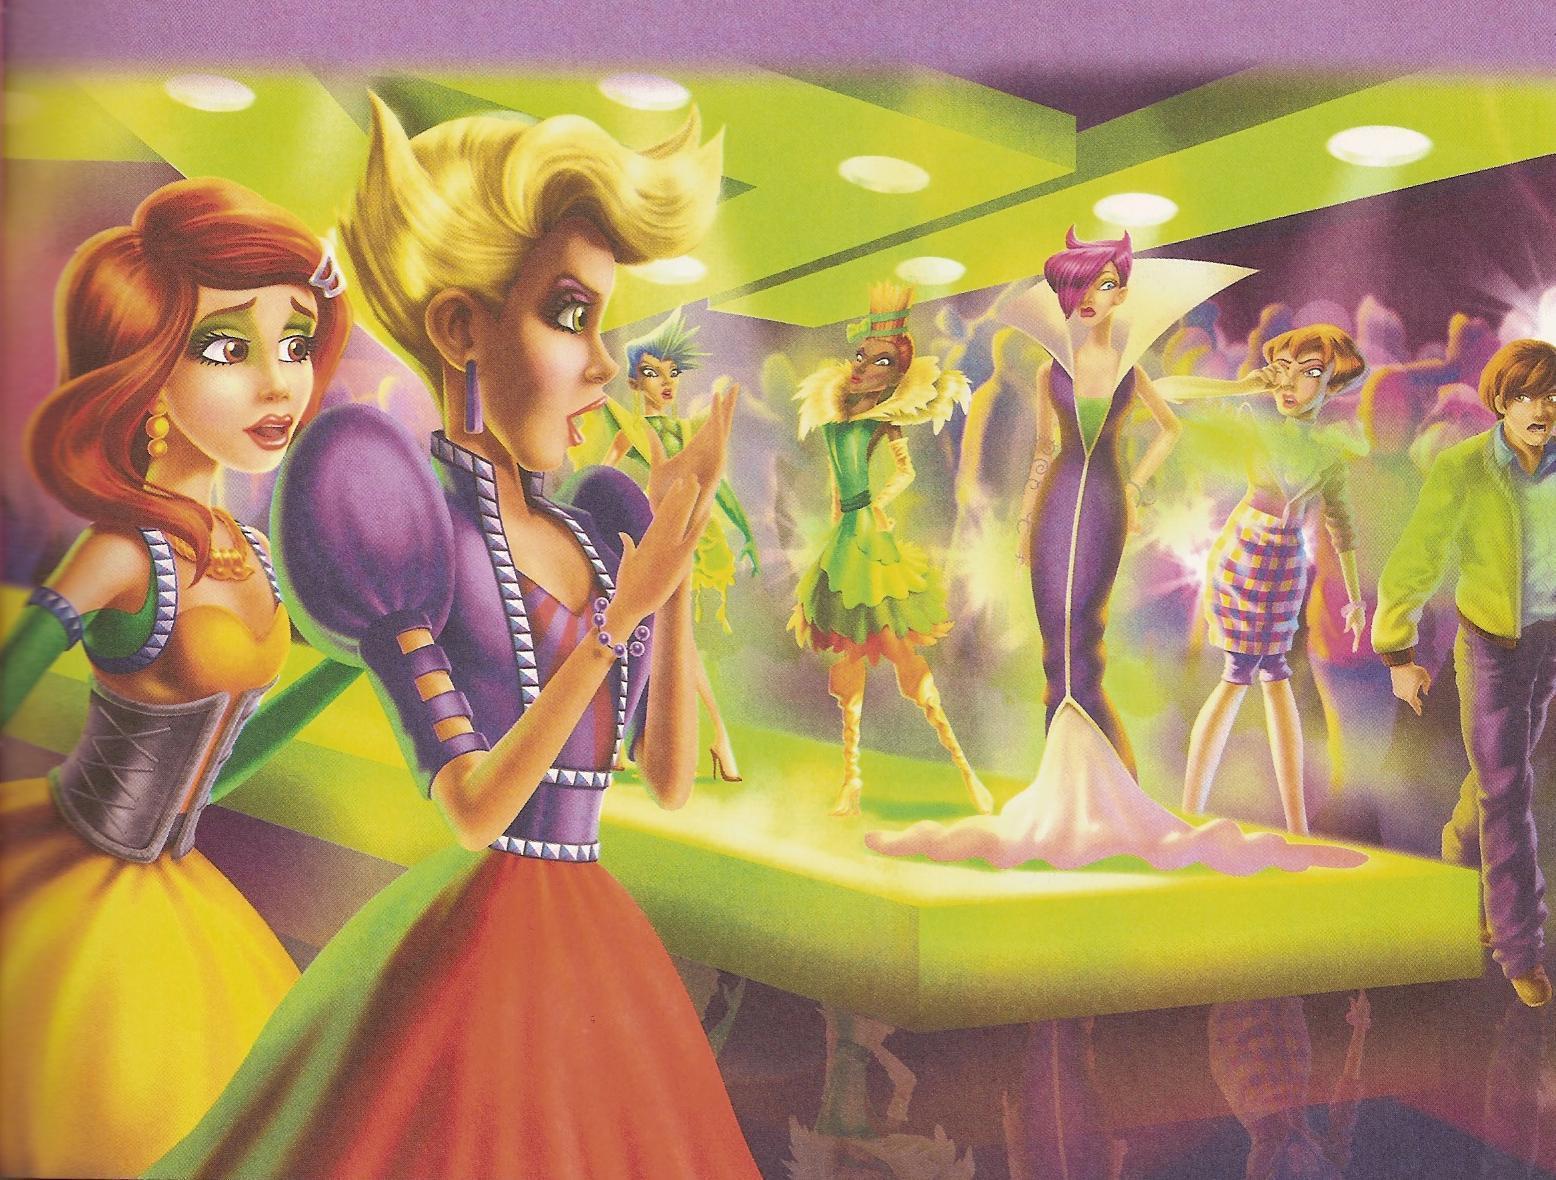 Uncategorized Barbie A Fashion Fairytale image fashion fairytale barbie a 15063499 1556 1180 jpg movies wiki fandom powered by wikia